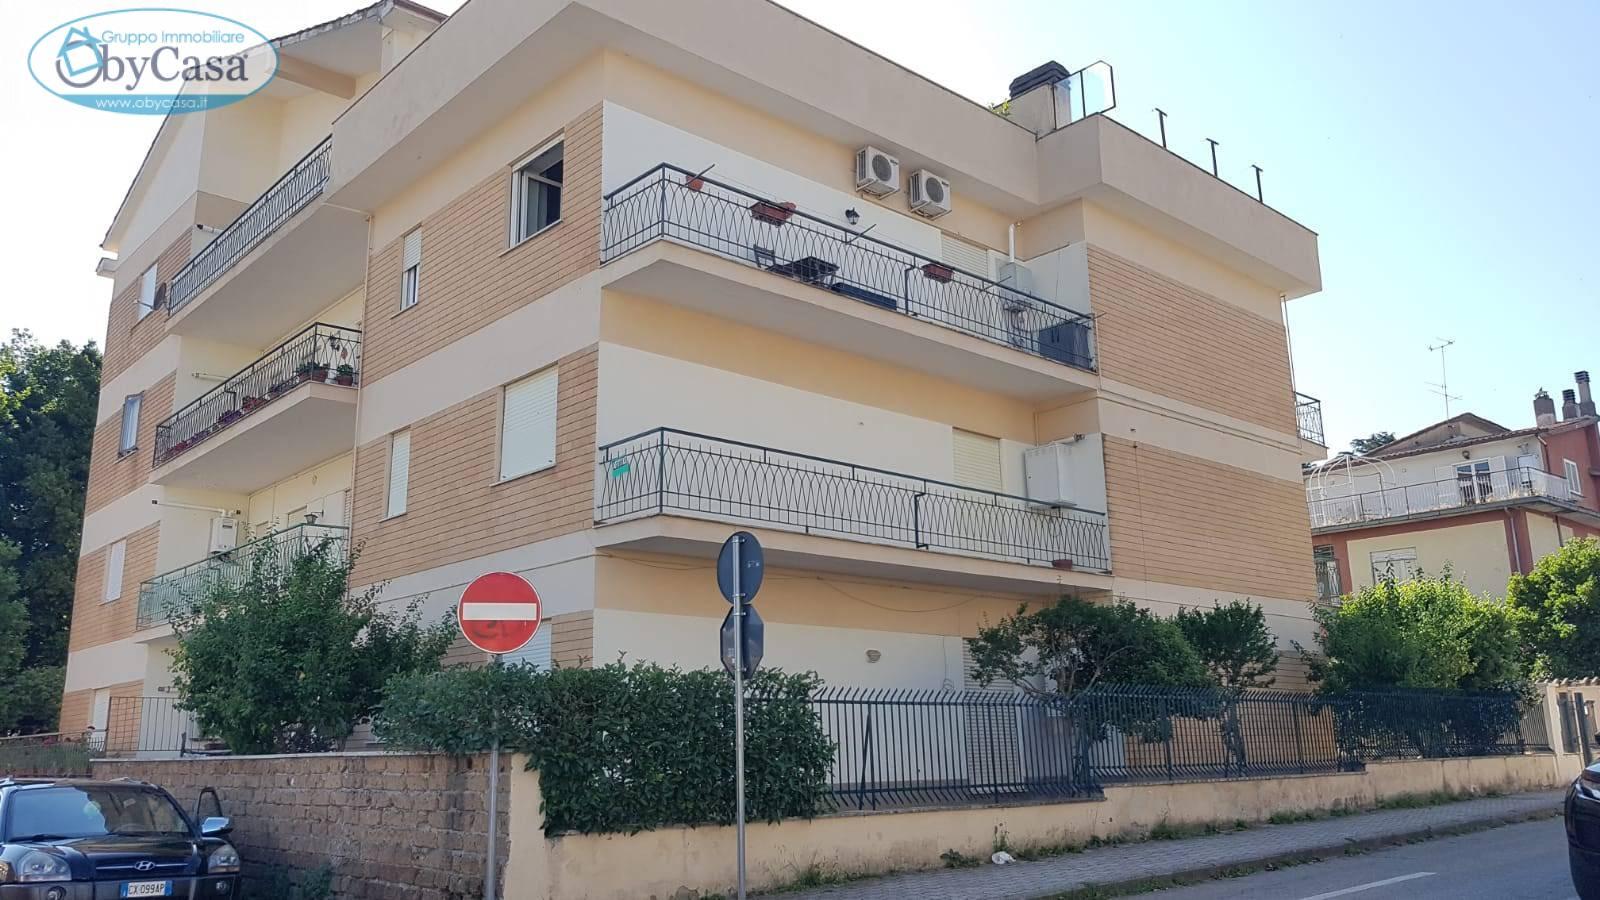 Appartamento in vendita a Bassano Romano, 4 locali, prezzo € 115.000 | CambioCasa.it